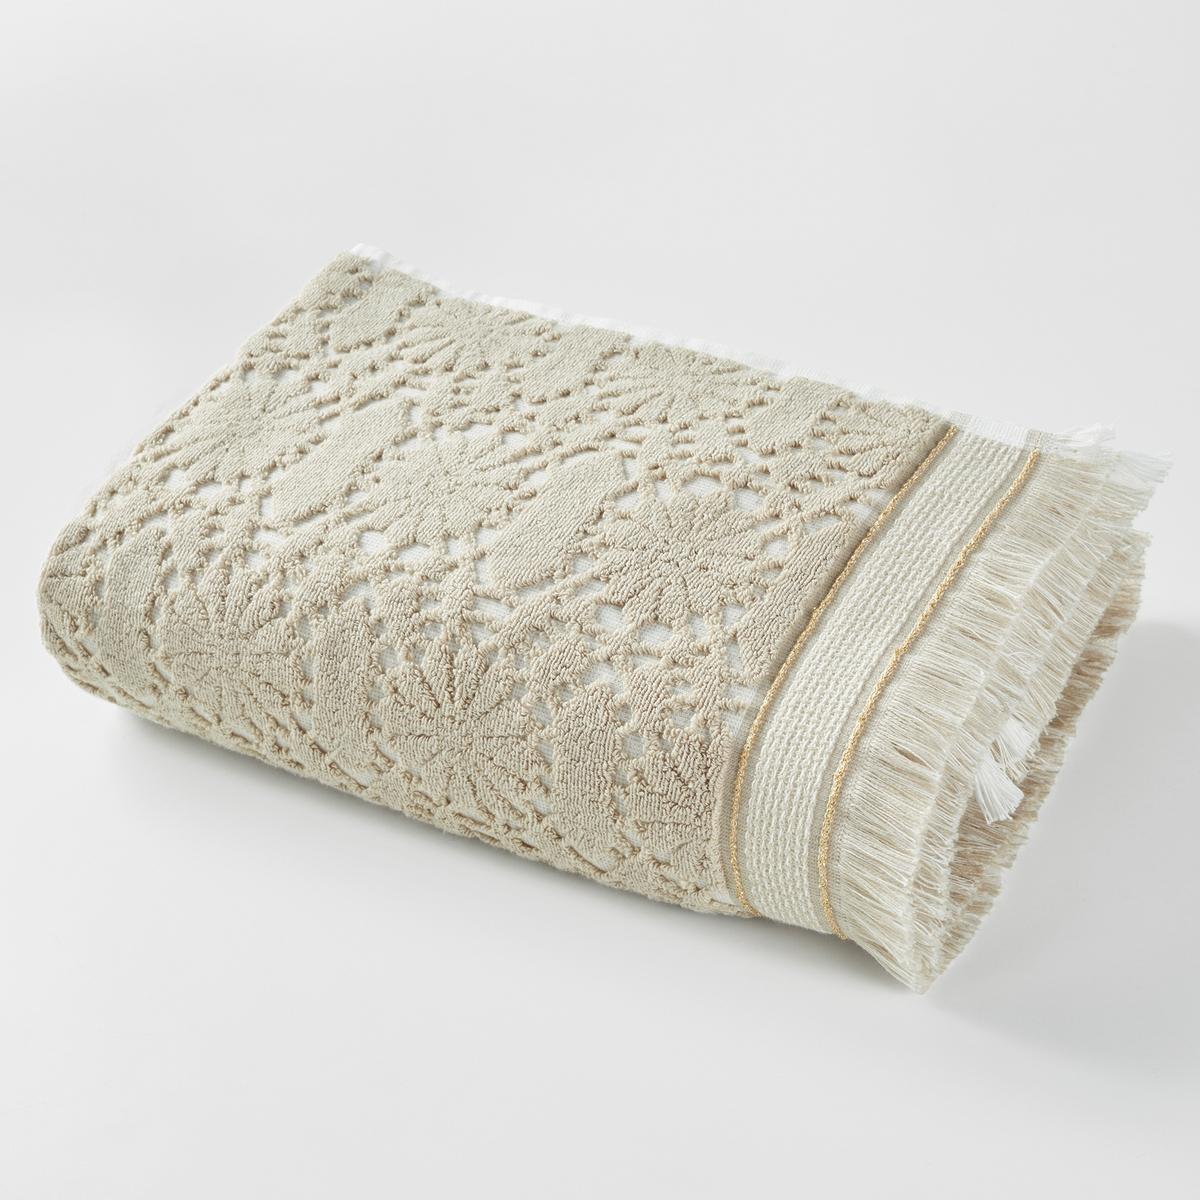 Полотенце банное Purdy, 500 г/м?Характеристики банного полотенца Purdyмягкий и пористый ультравпитывающий материал стирать при 40°.Жаккардовая ткань с зубчатым рисунком.Размер банного полотенца Purdy50 x 100 см.<br><br>Цвет: бежевый,сине-зеленый,шафран